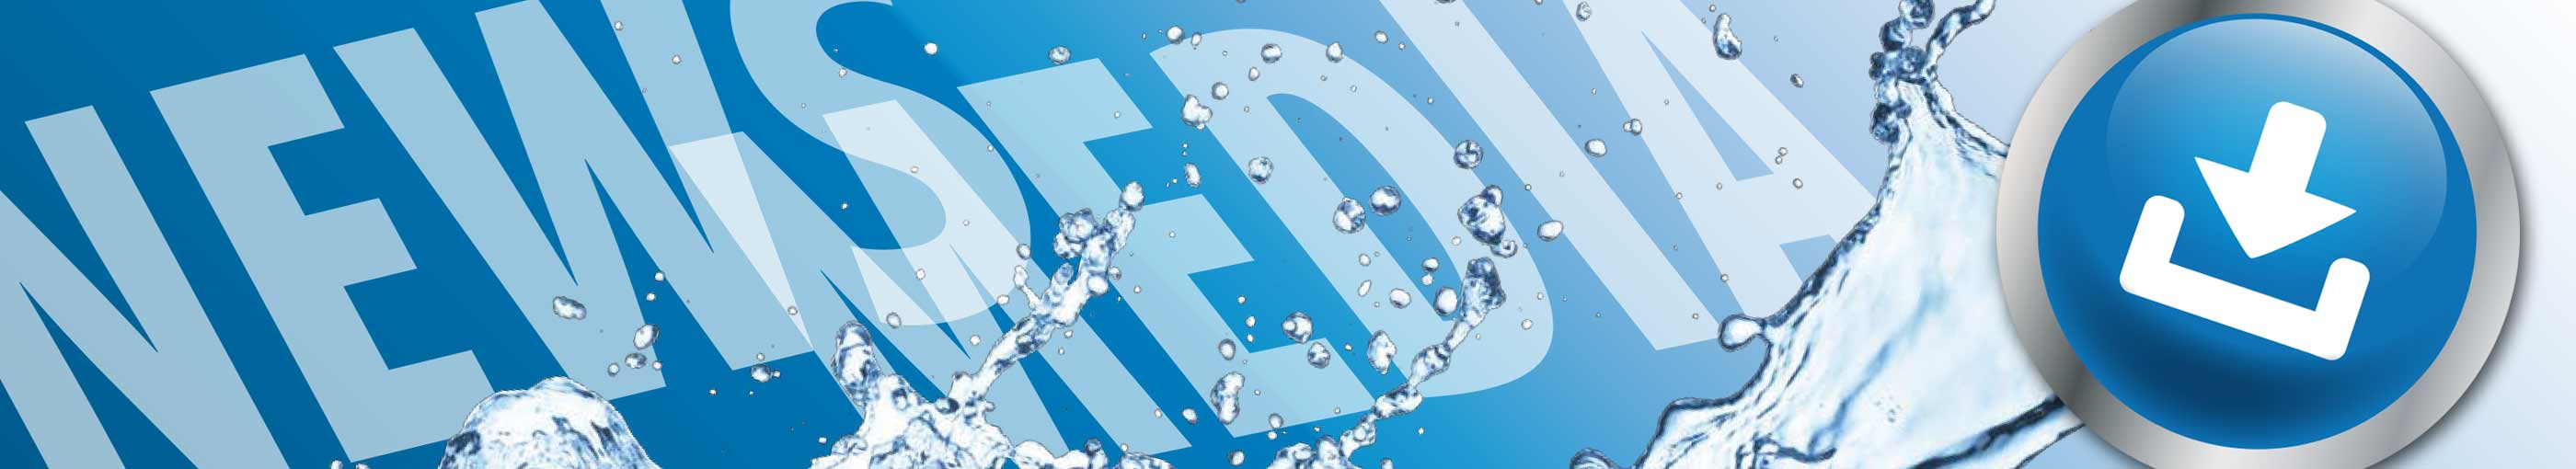 Header-Bild: Unternehmen – Downloads